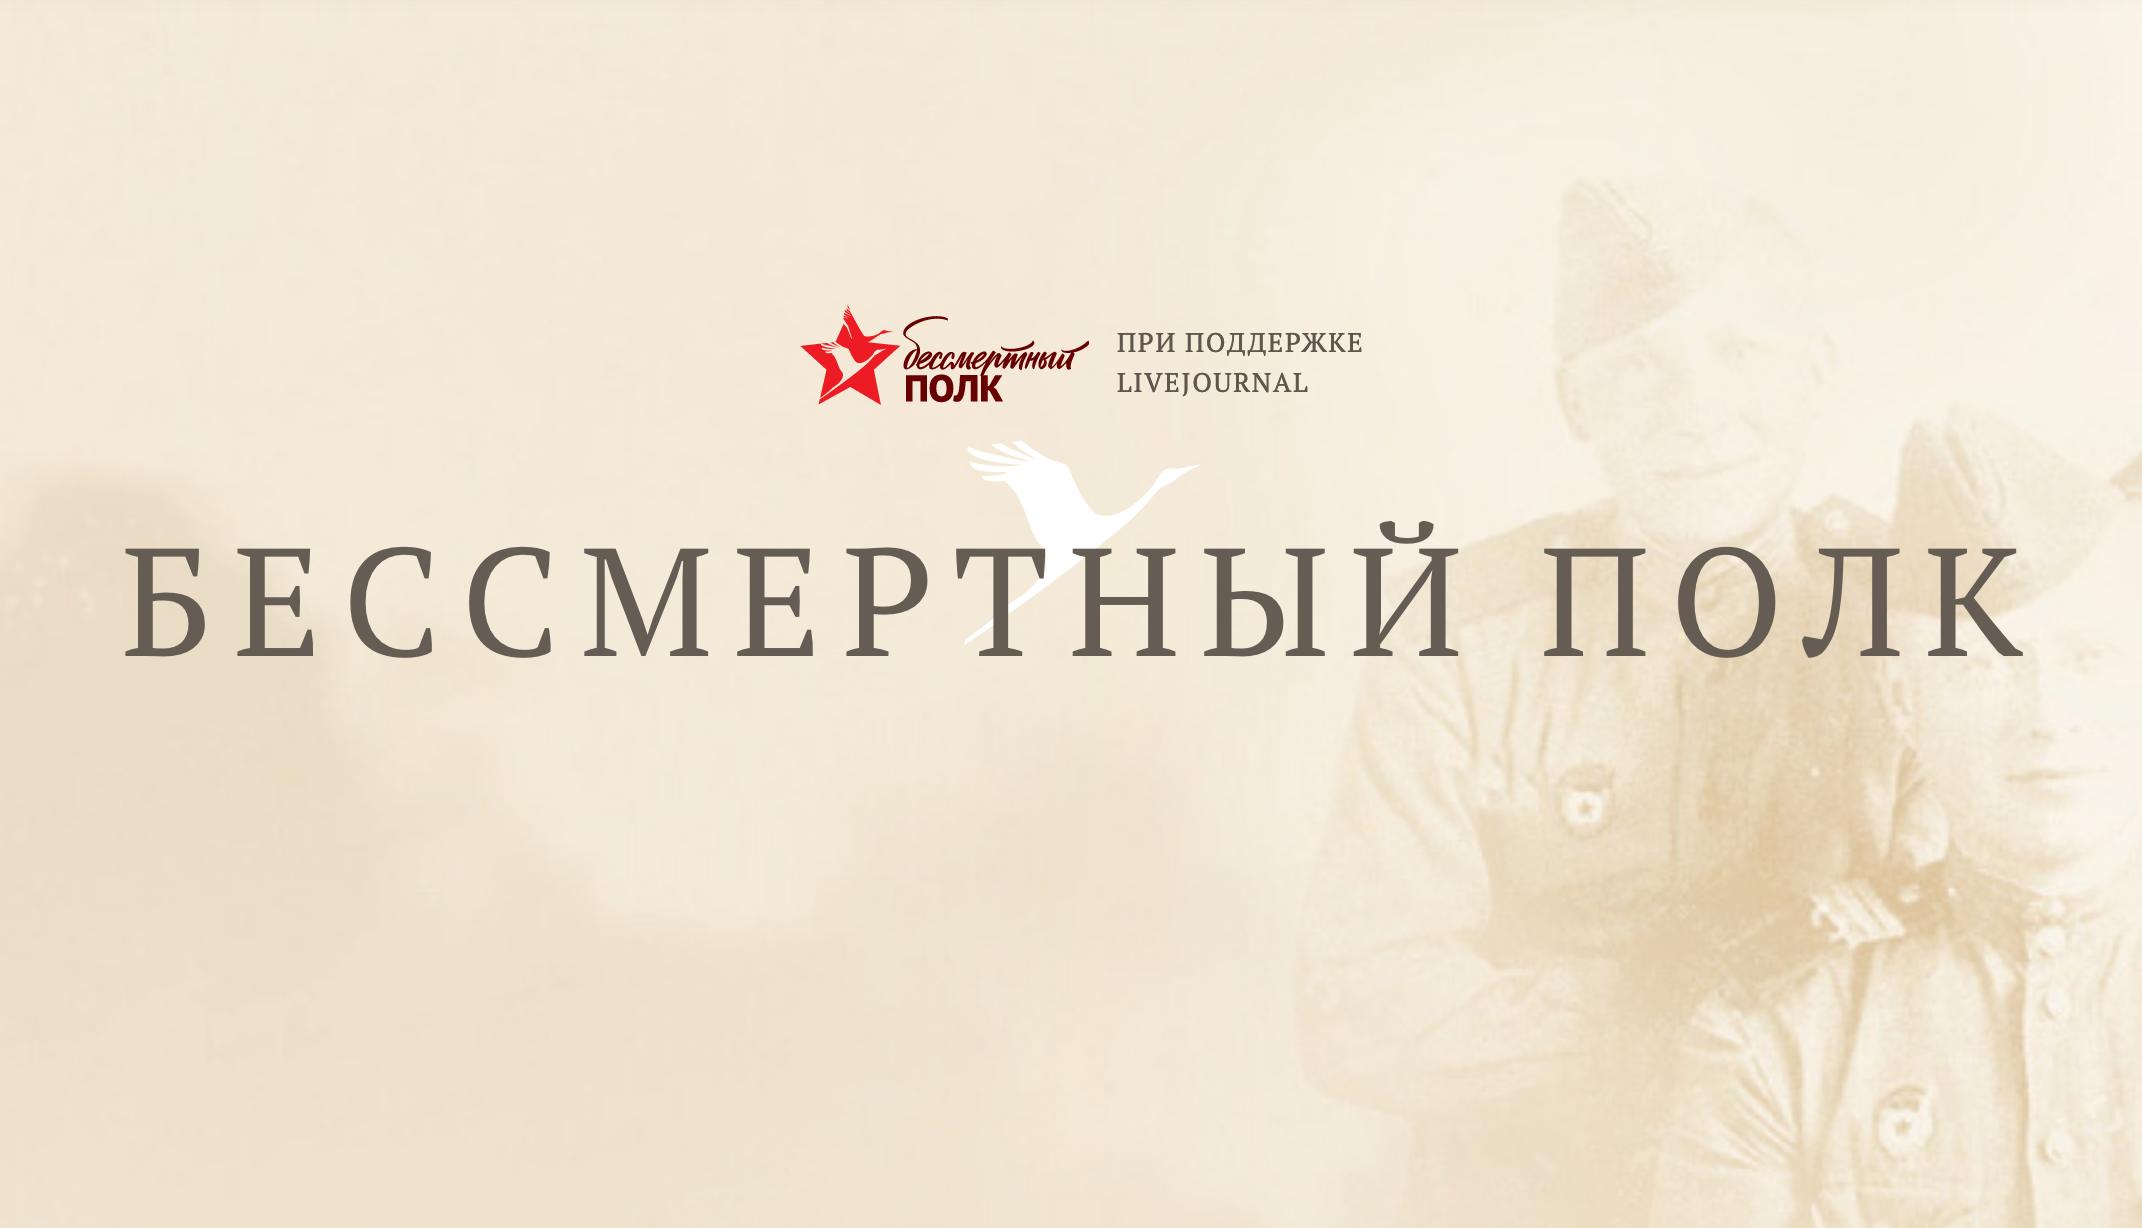 LiveJournal и Межрегиональное историко-патриотическое общественное движение «Бессмертный полк» запускает совместный онлайн-проект ко Дню Победы.